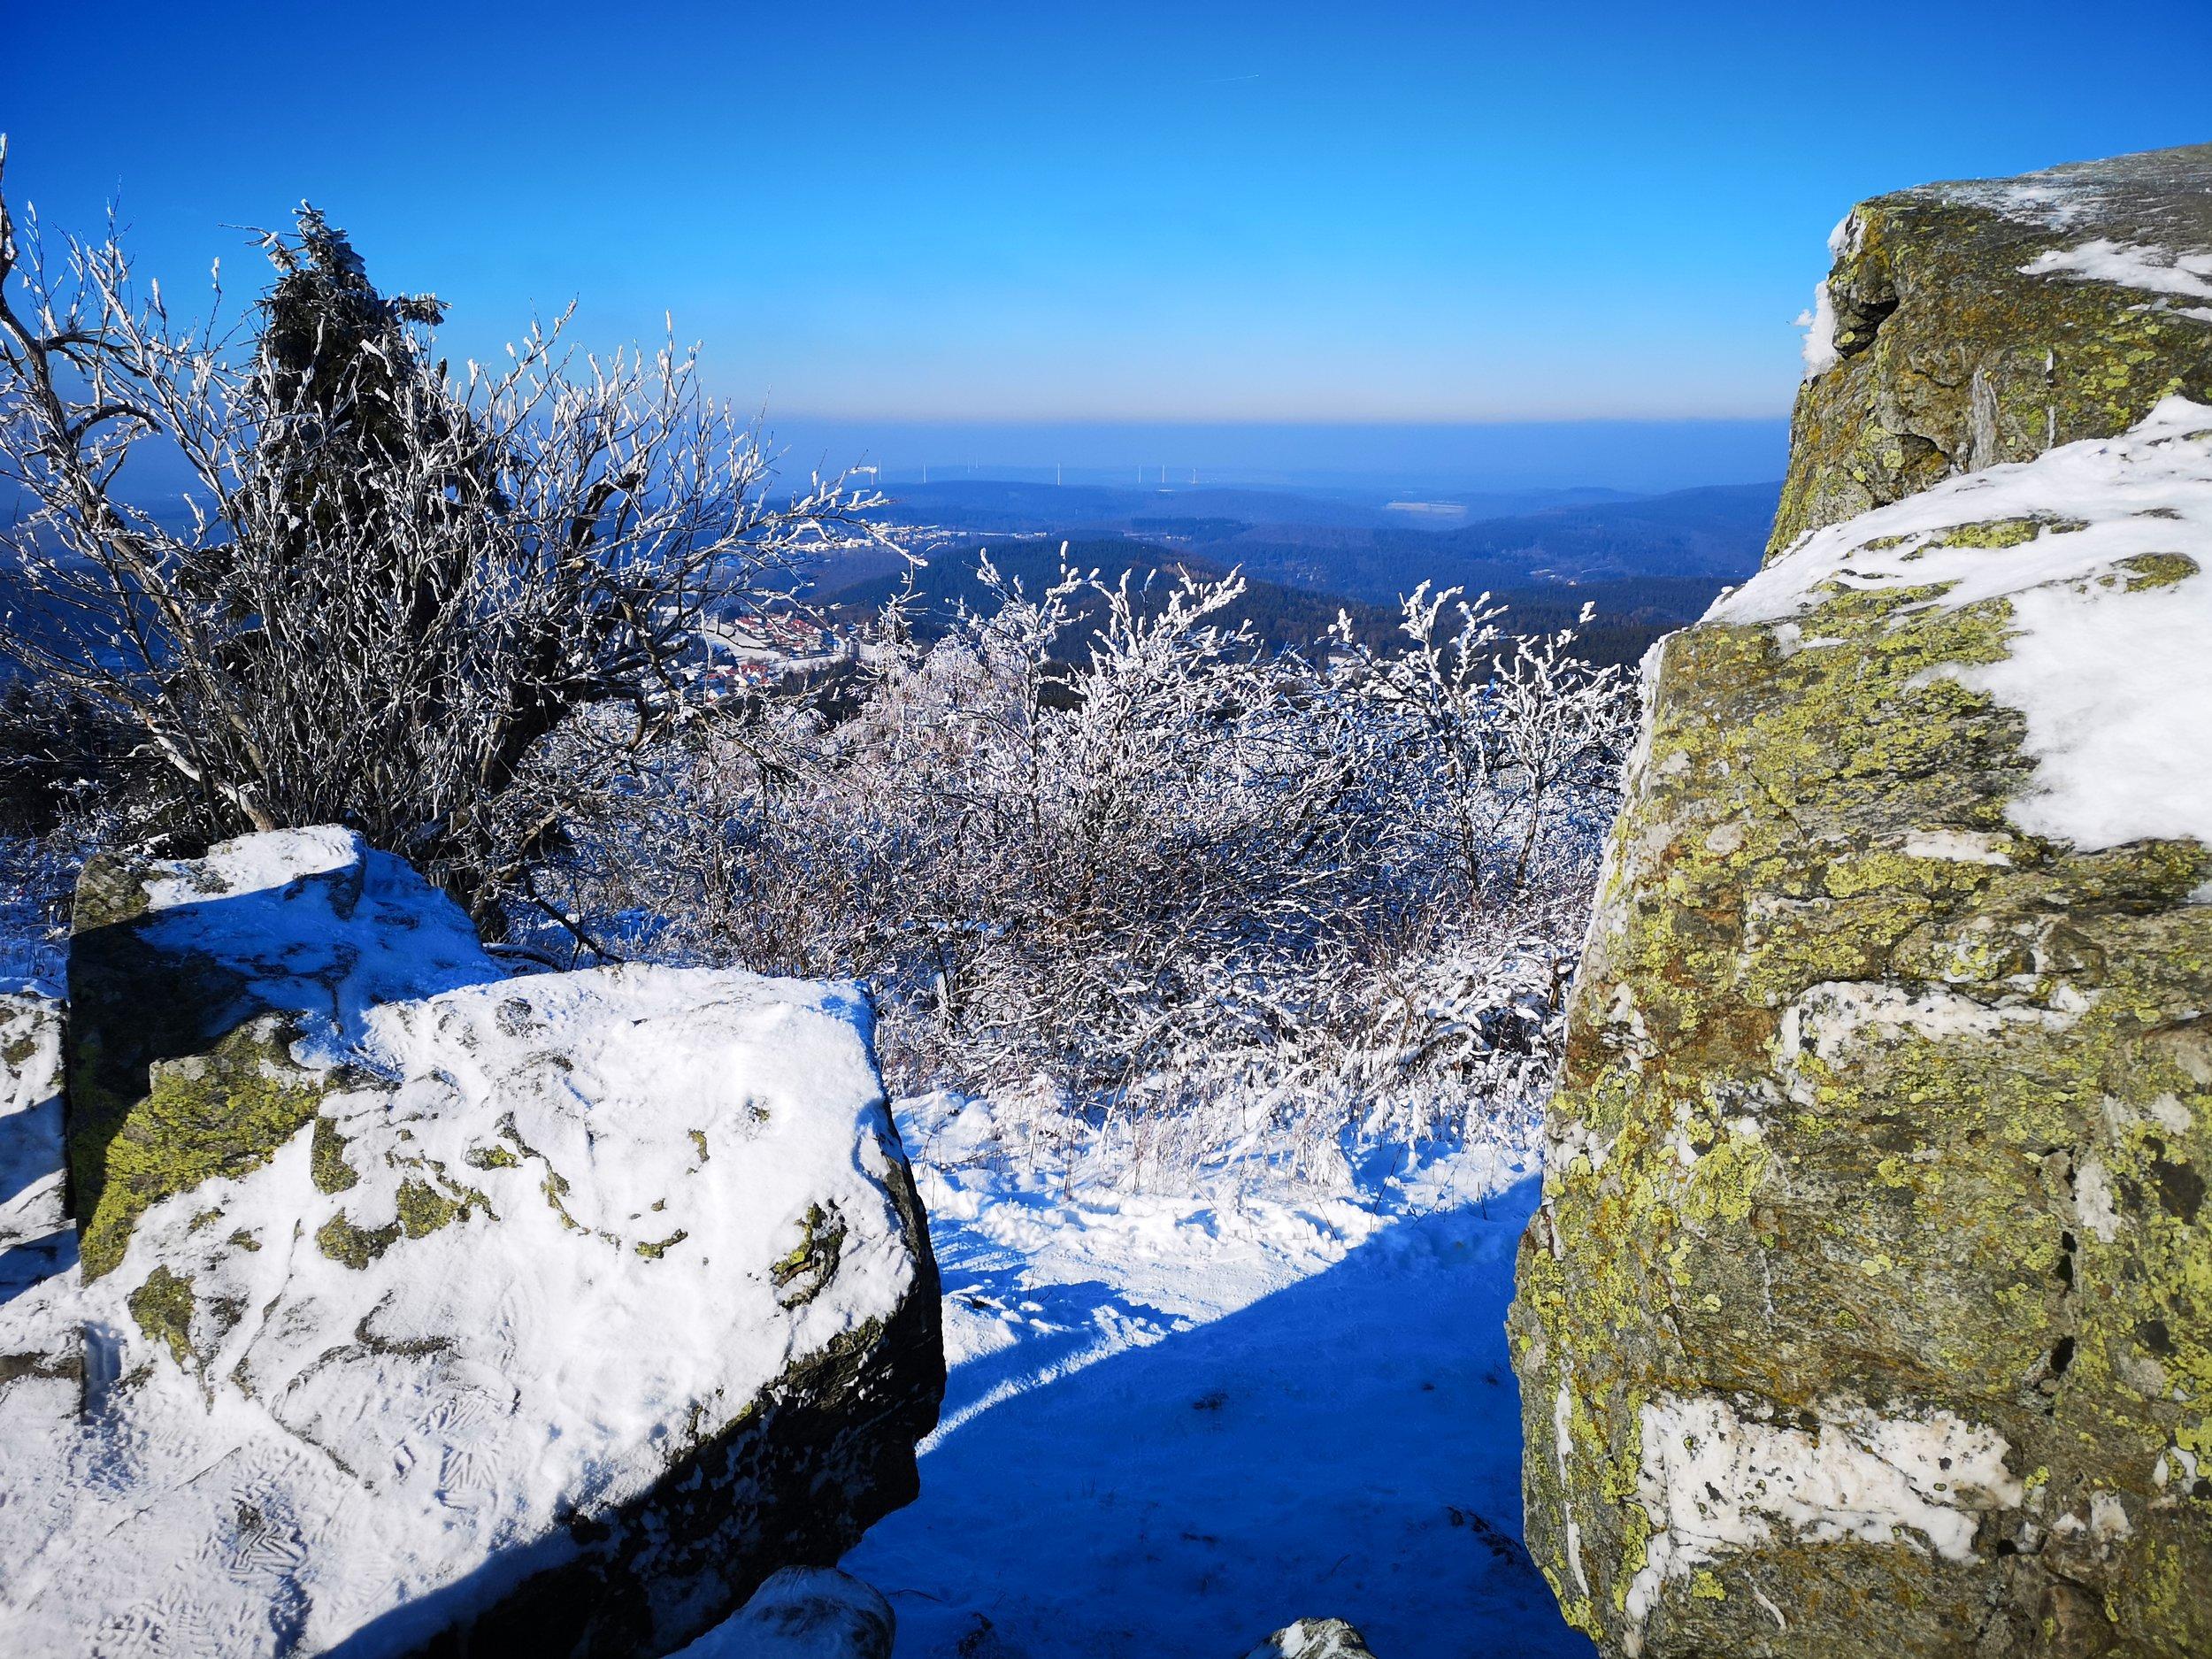 View from the highest point of Grosser Feldberg into Taunus